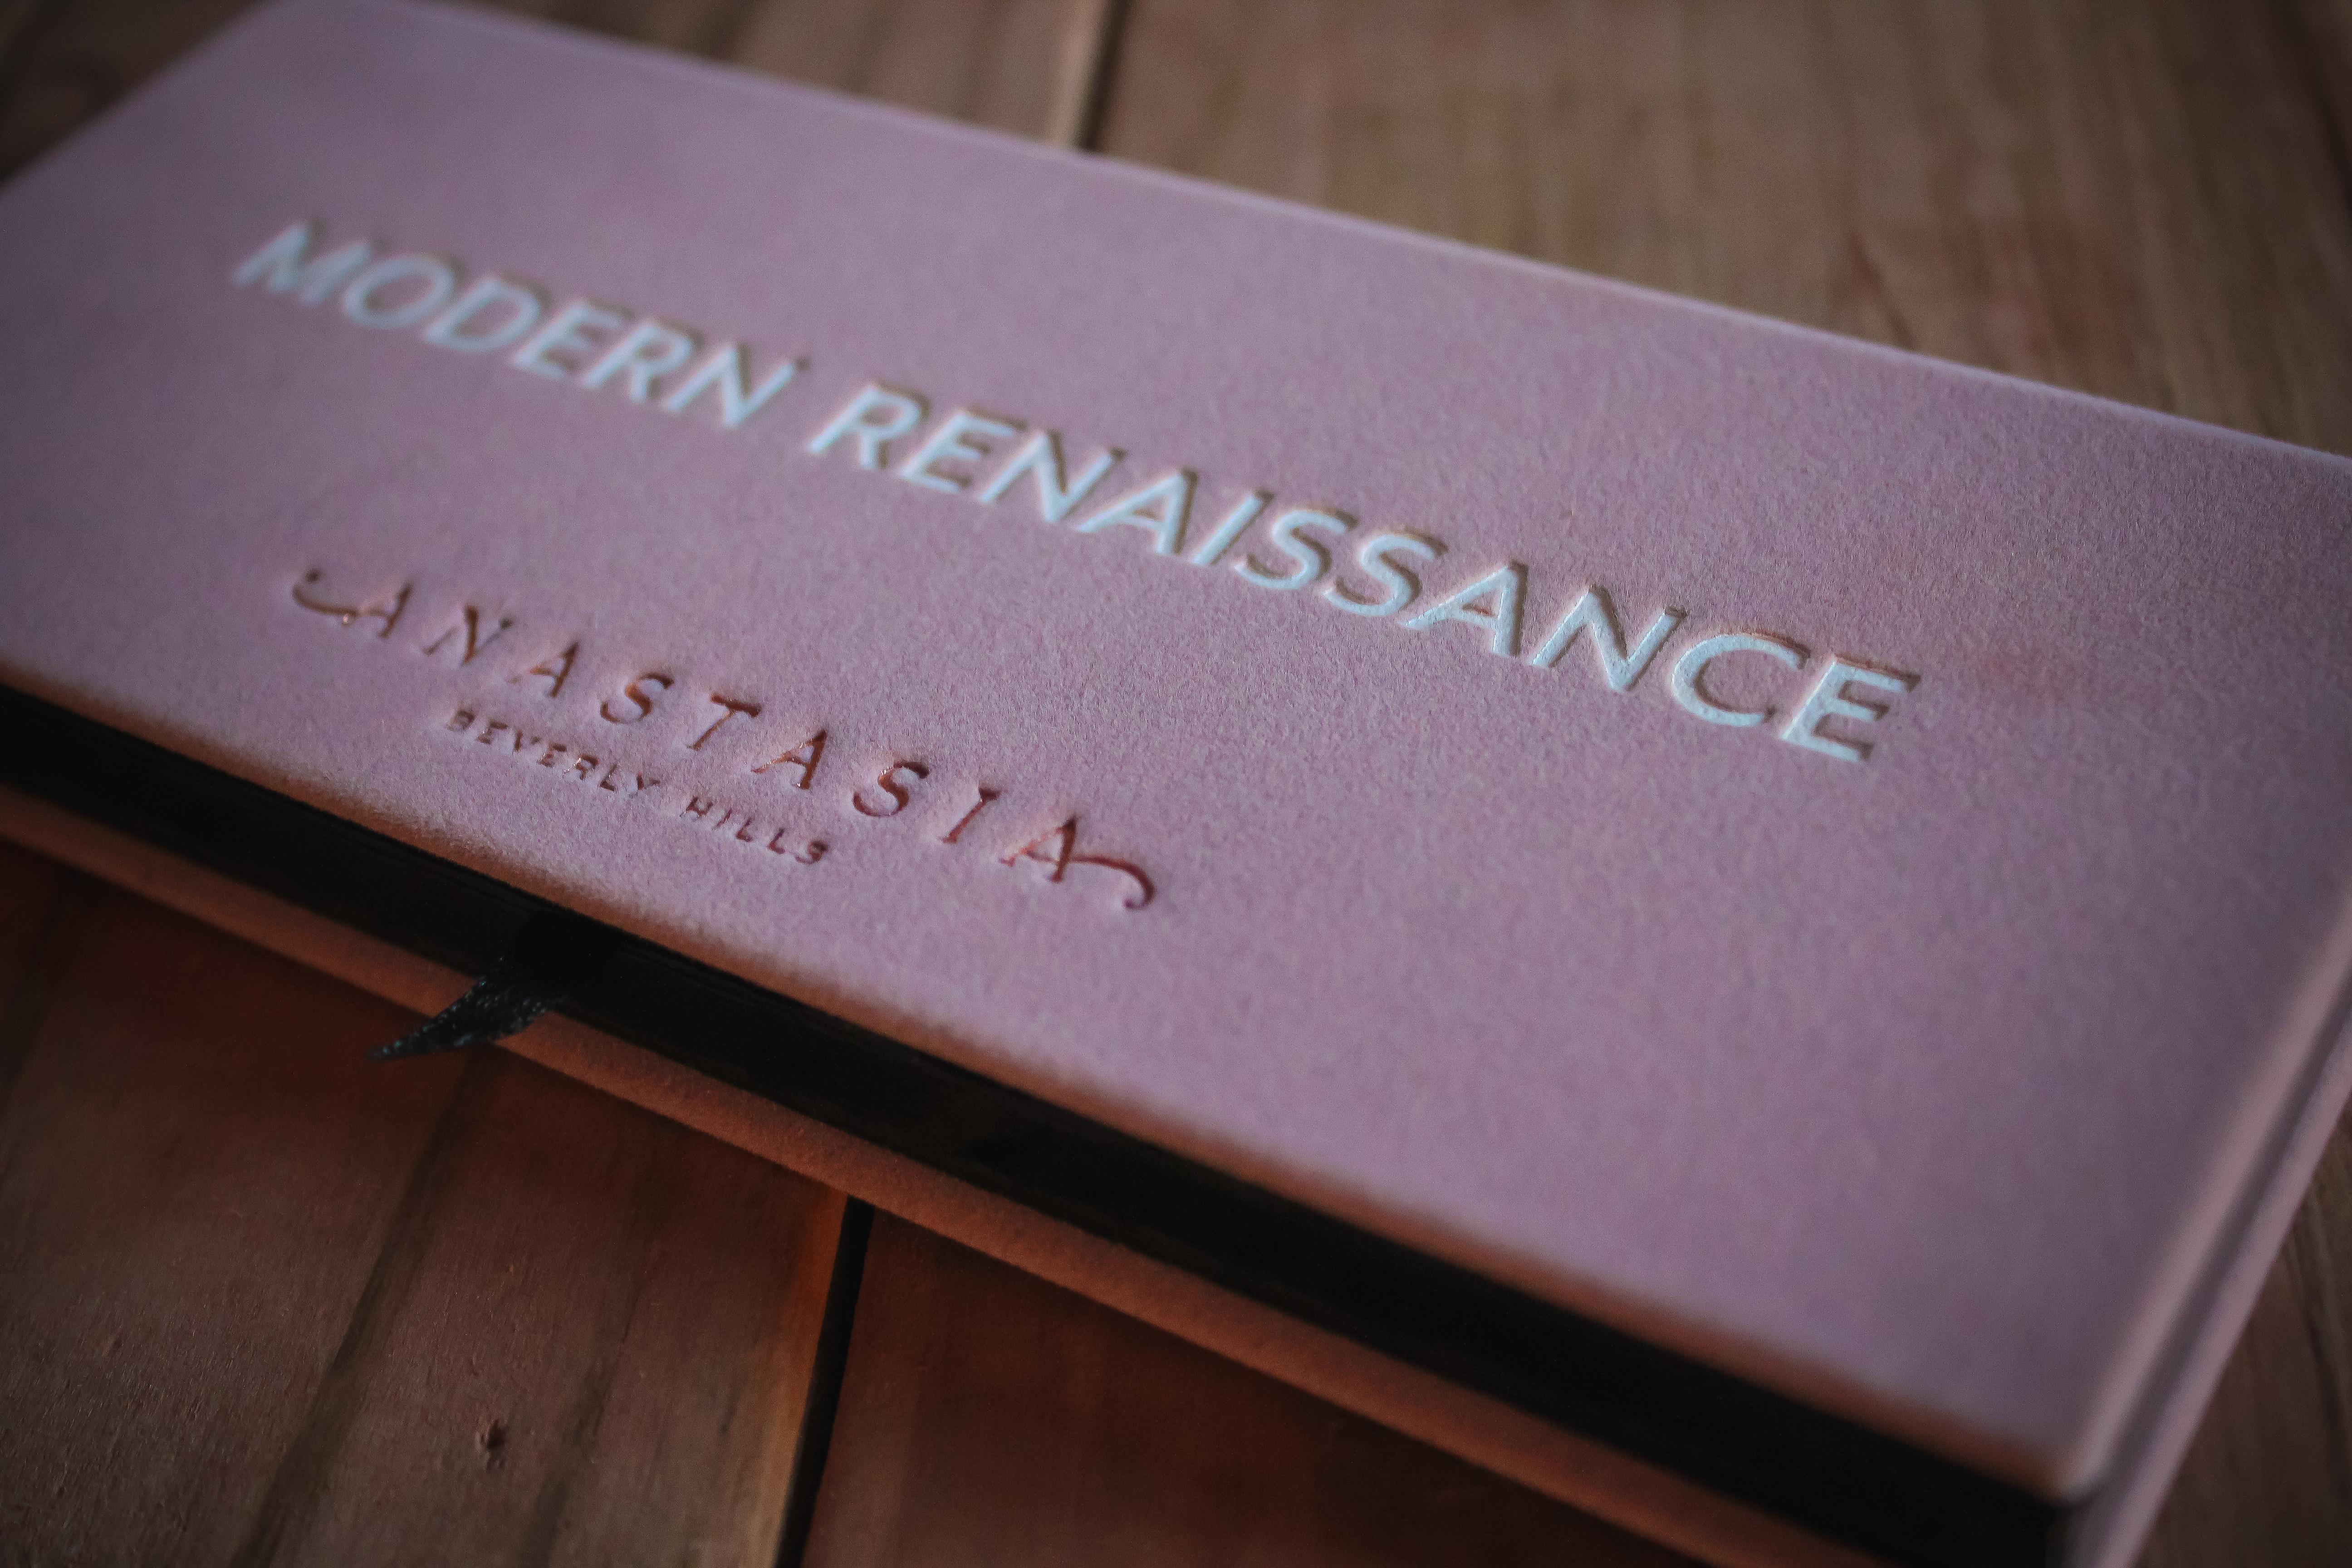 Anastasia Beverly Hills Modern Renaissance Eyeshadow Palette.jpg